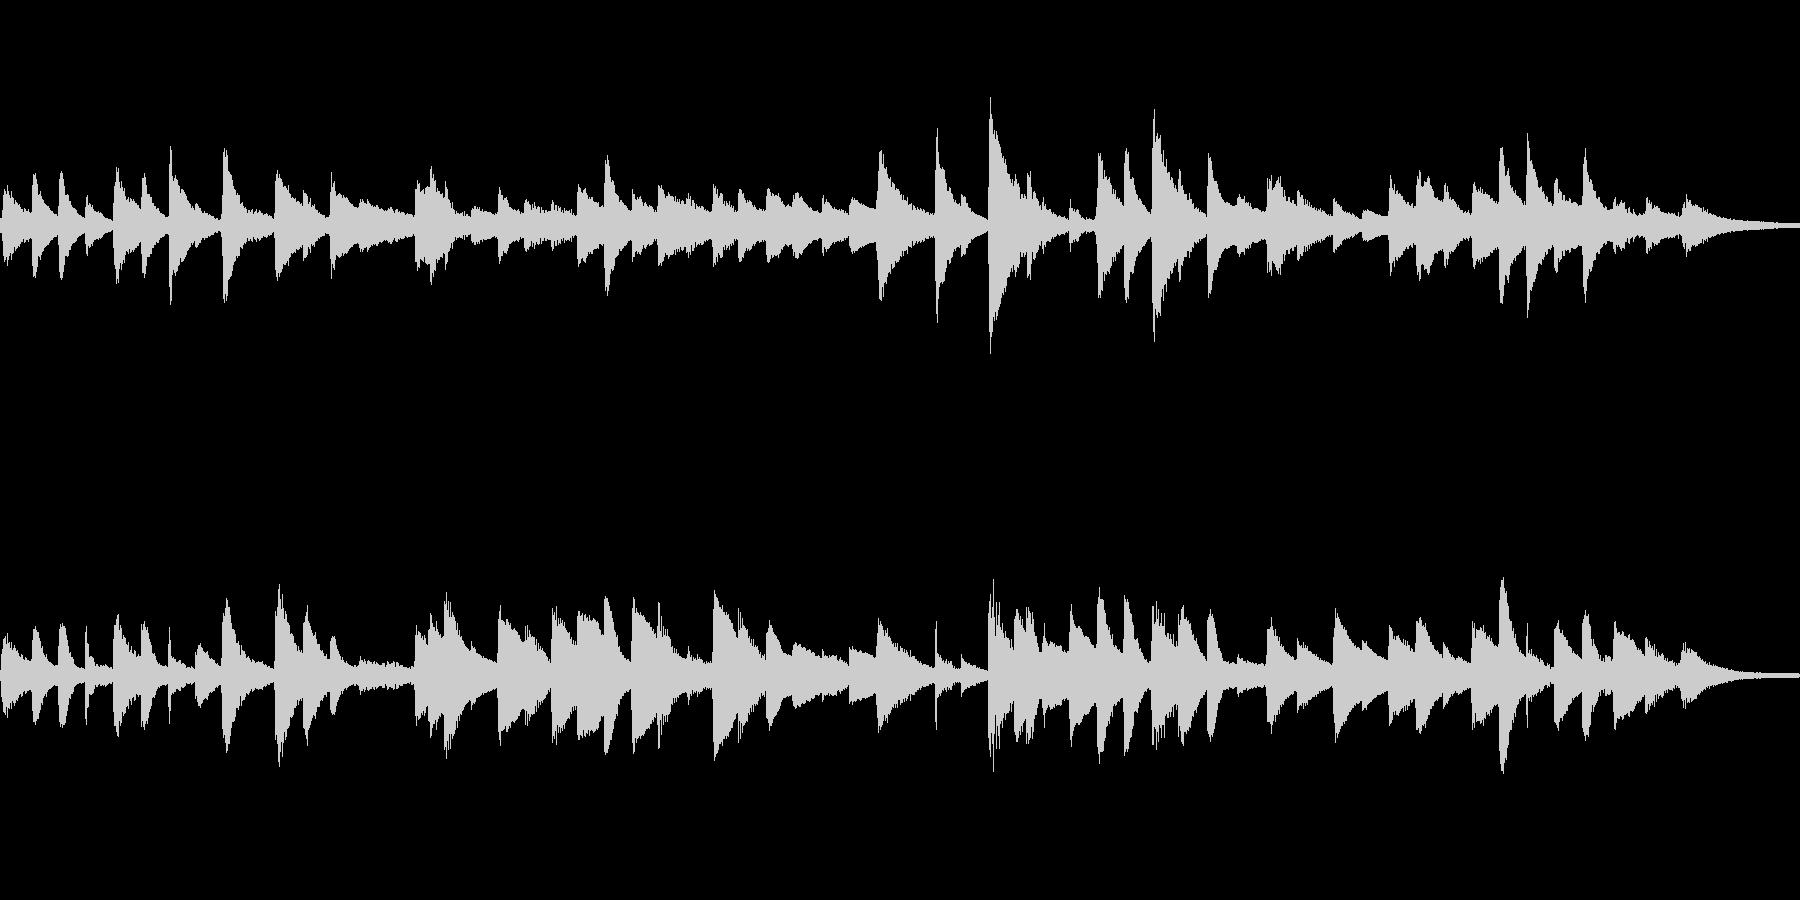 童謡「ひな祭り」ピアノソロ ループ仕様の未再生の波形